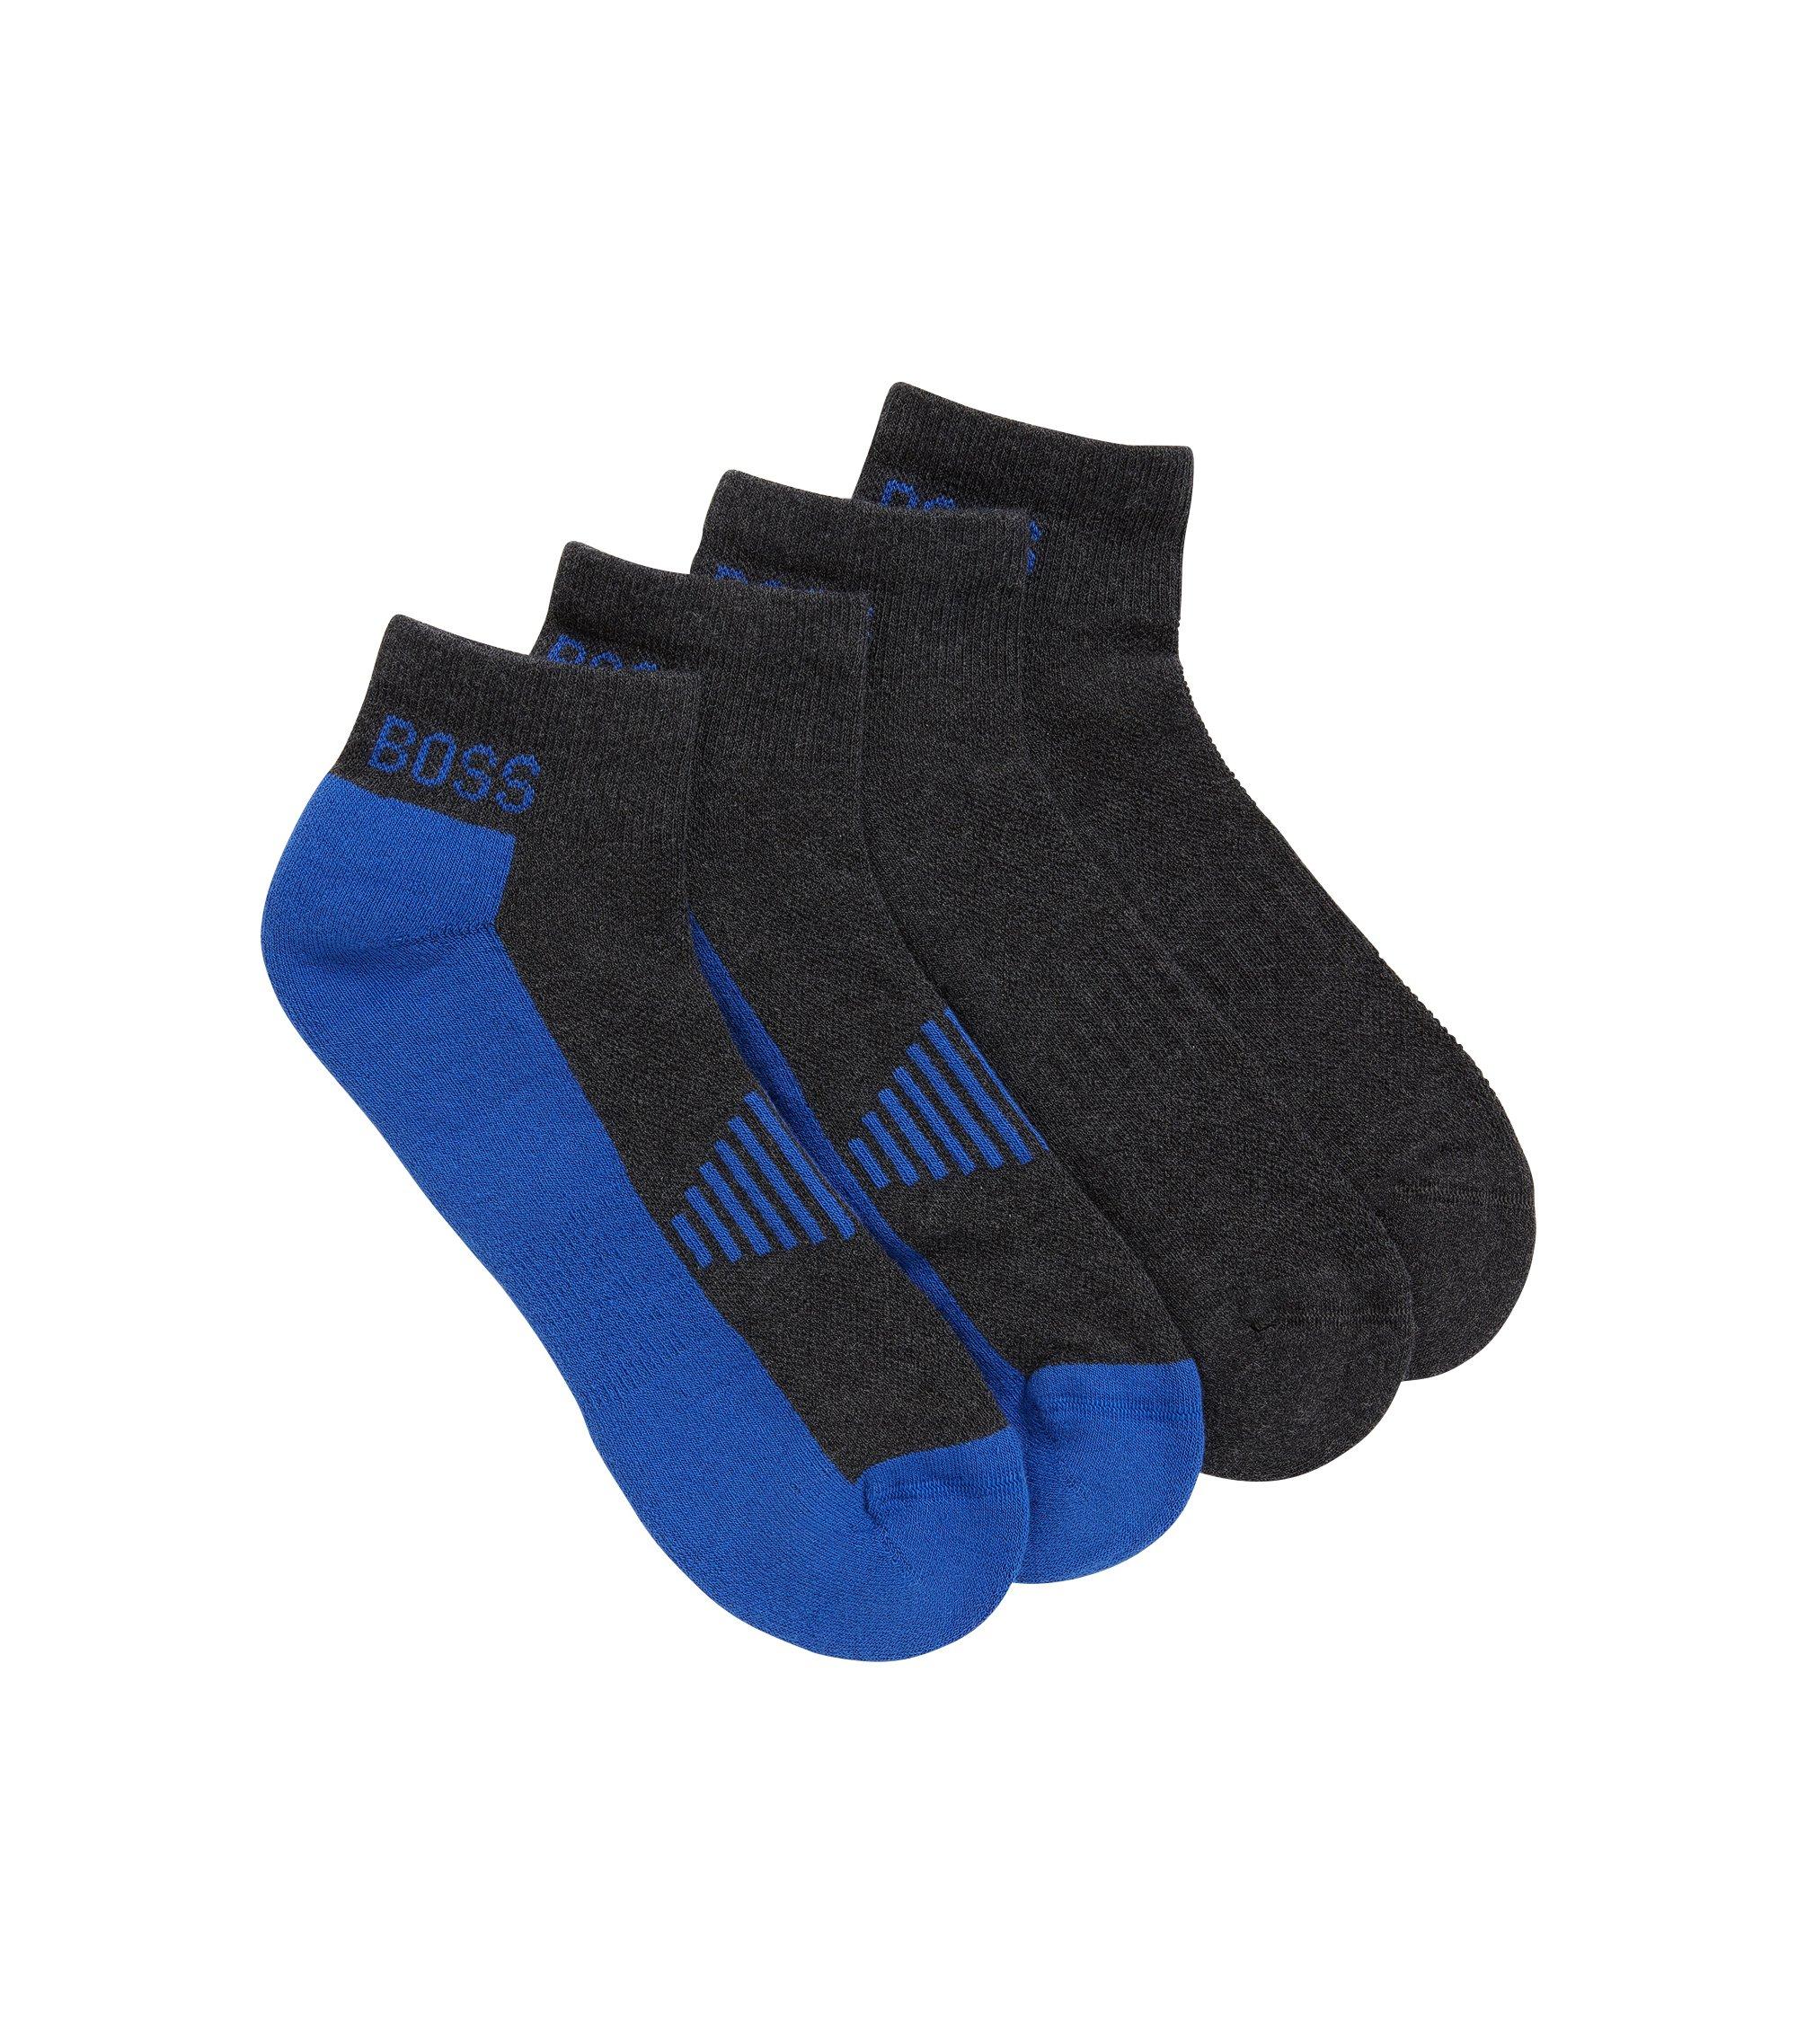 Knöchelhohe Socken aus Baumwoll-Piqué mit Polsterung im Zweier-Pack, Anthrazit